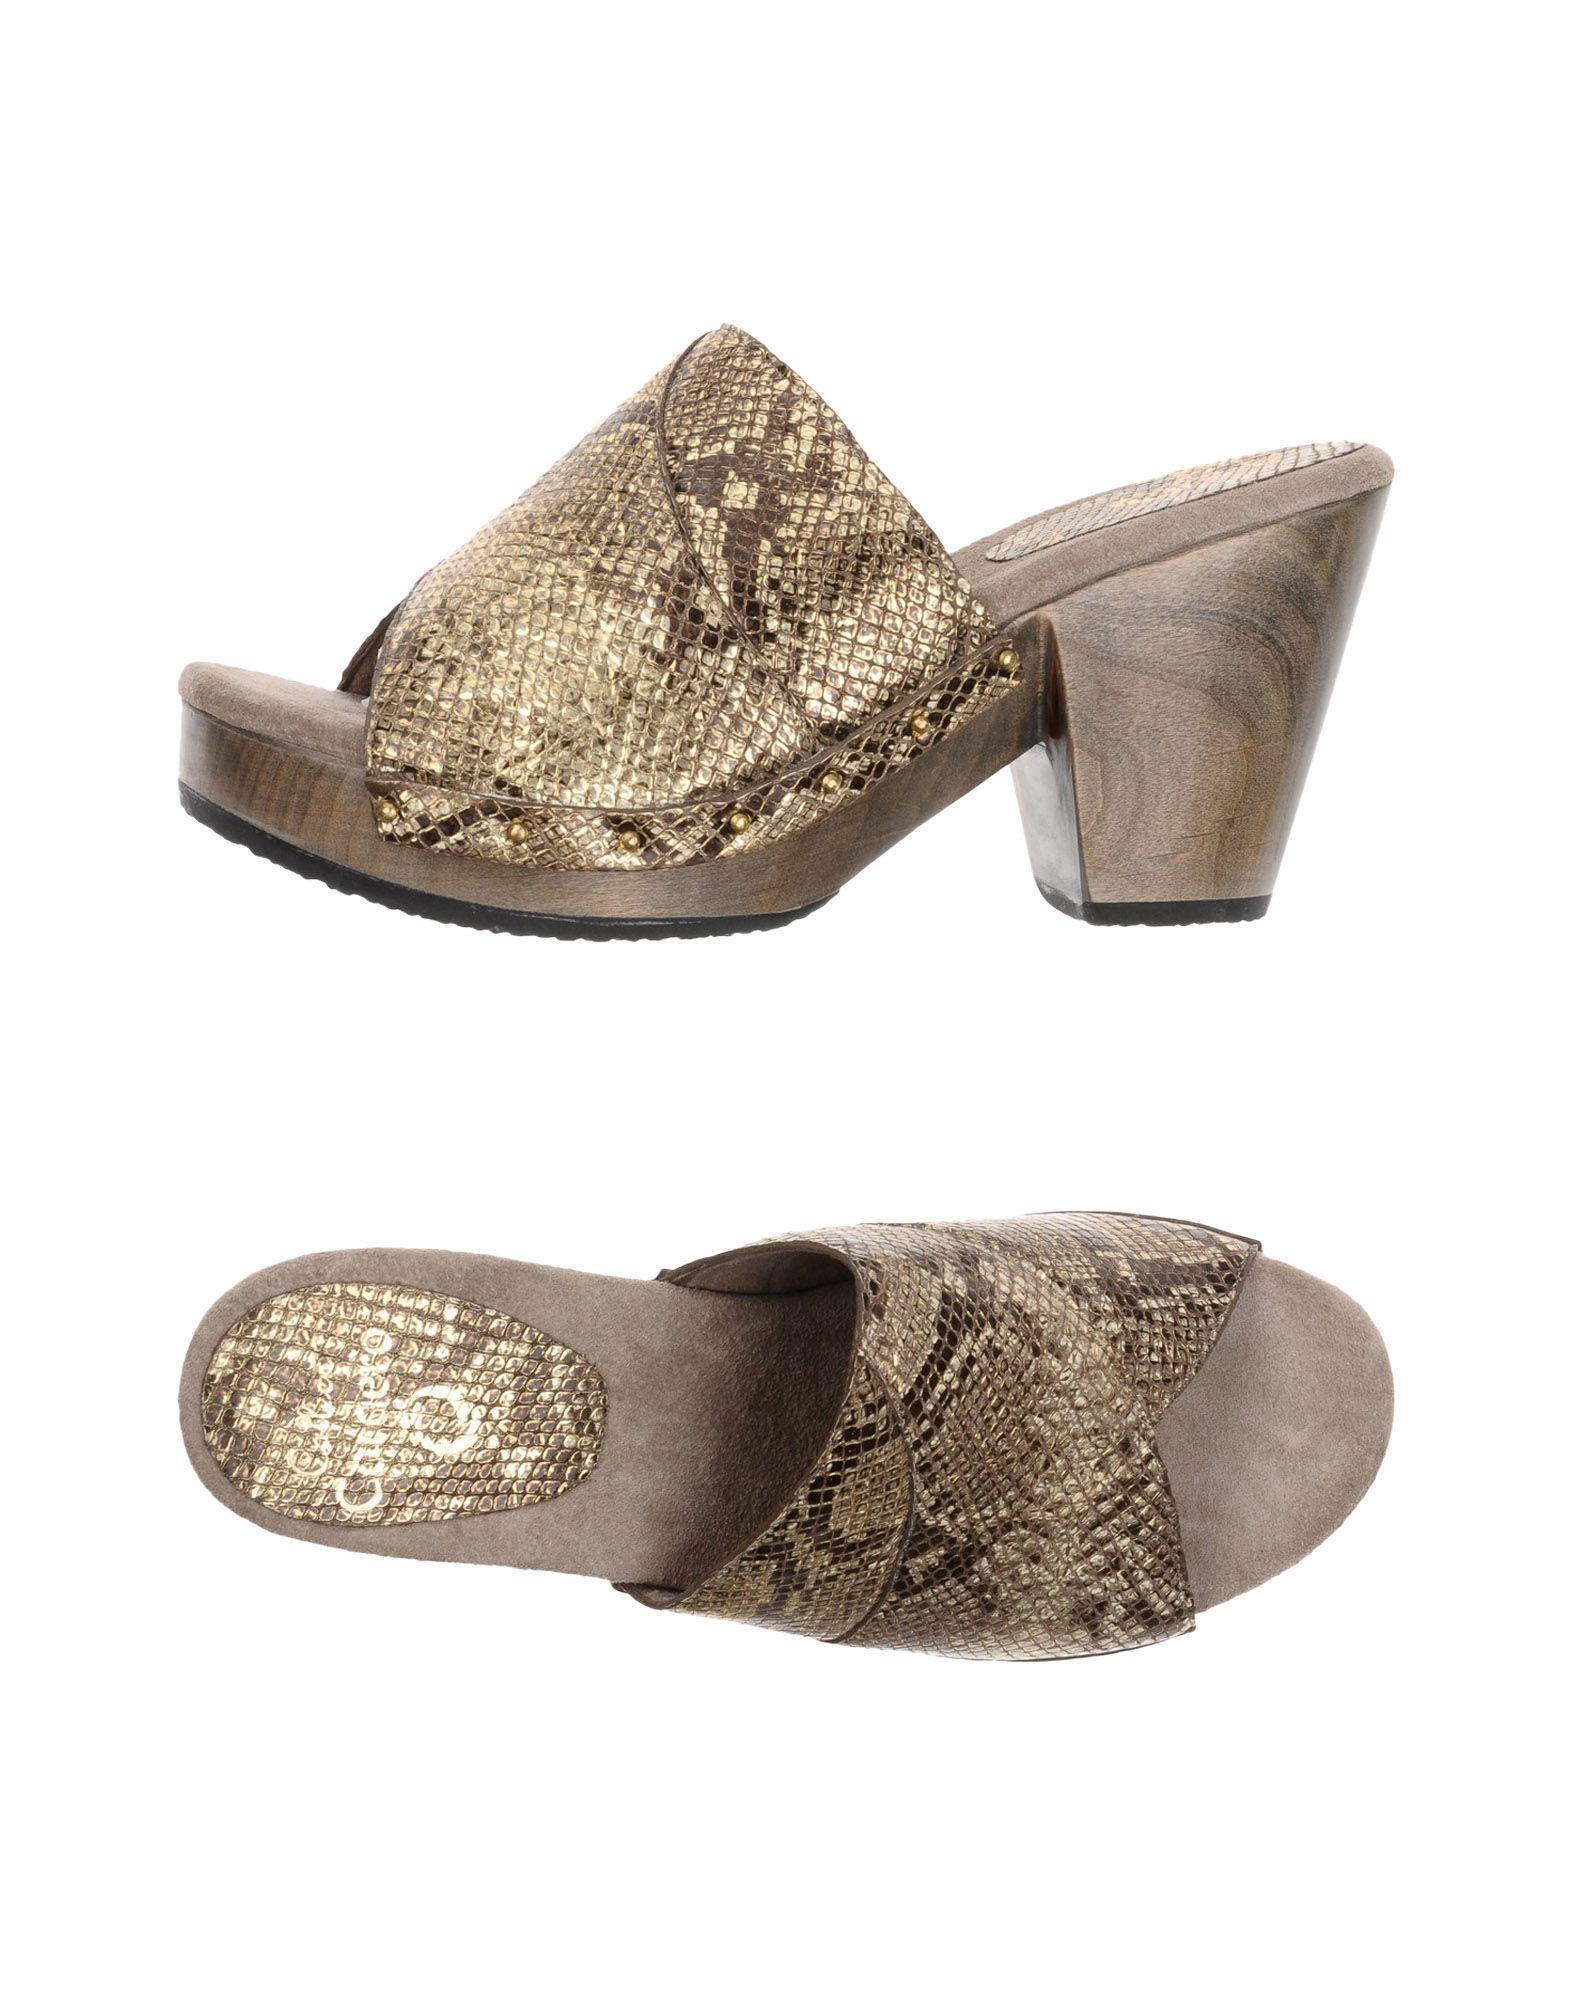 CALLEEN CORDERO Sandals in Gold